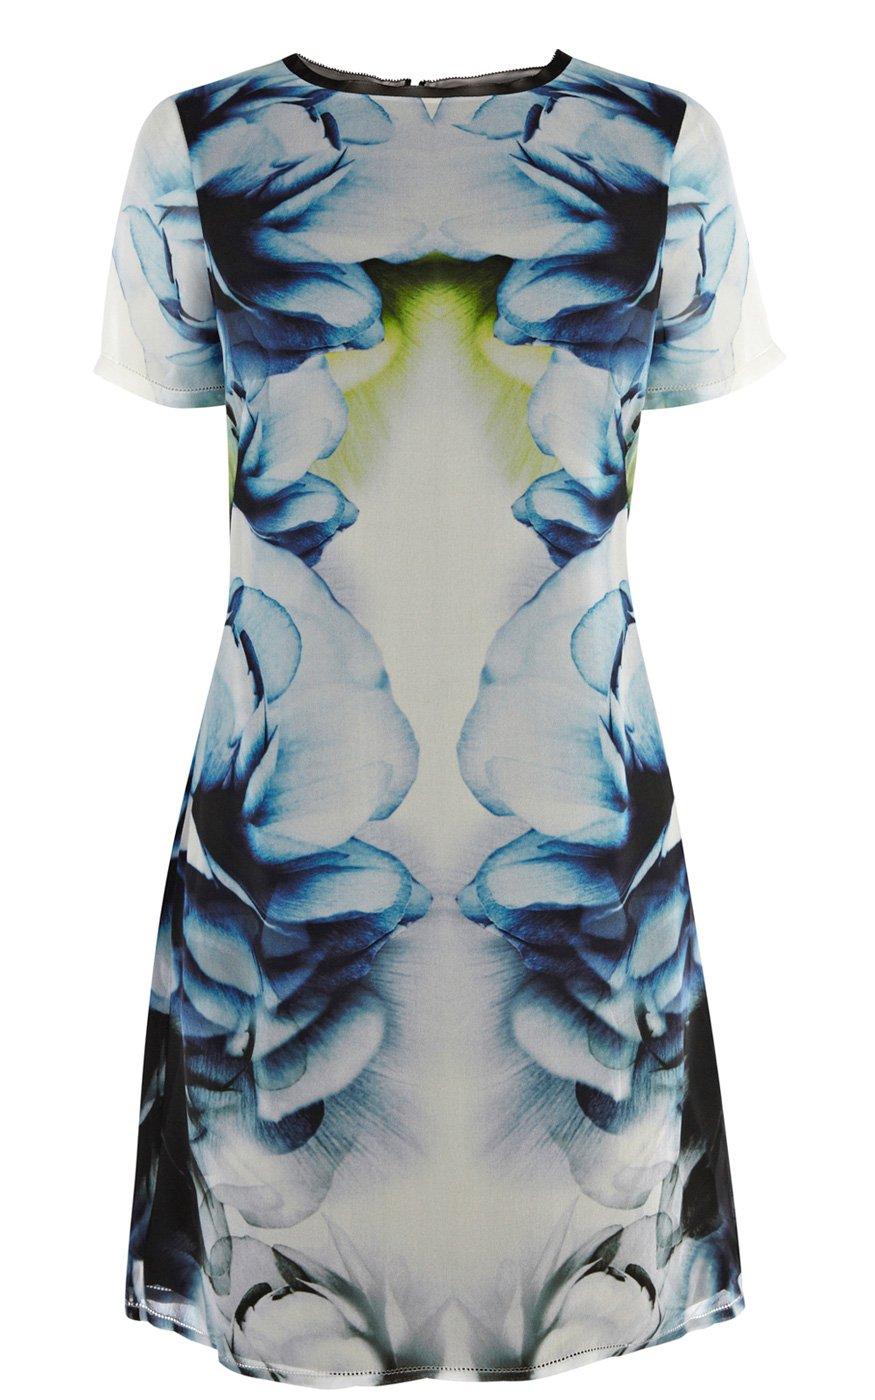 87c2b3e4763 Karen Millen Smoky Placed Print Dress - Lyst